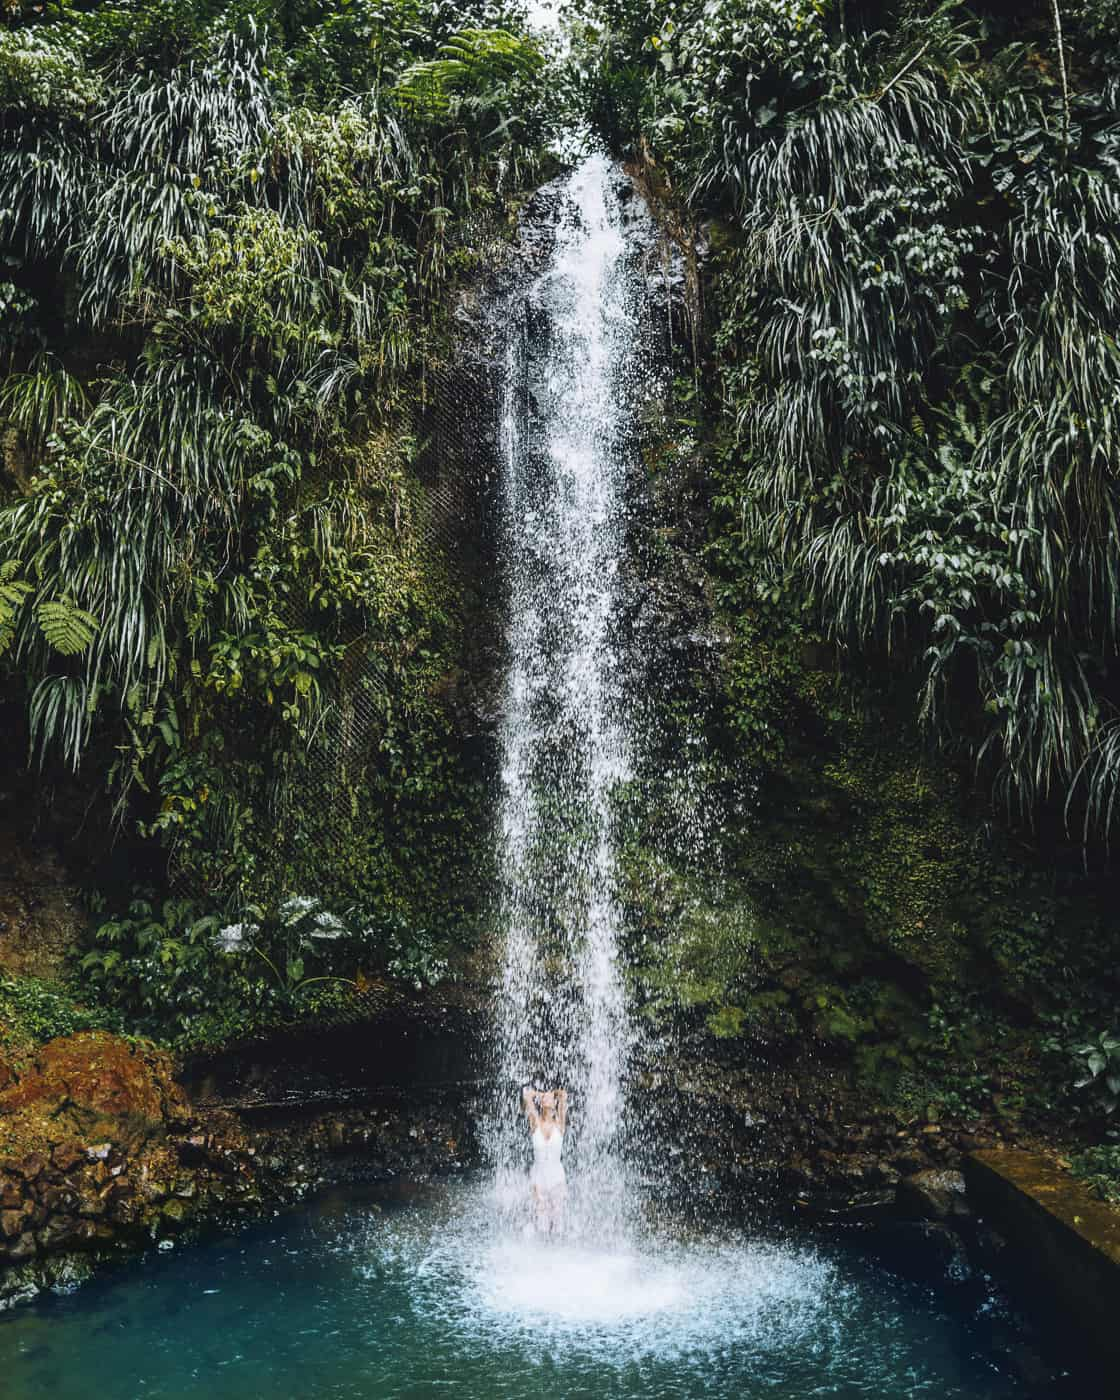 Saint Lucia - Tipps, Sehenswürdigkeiten, Strände & Ausflugsziele auf der Karibik-Insel: Toraille Waterfall